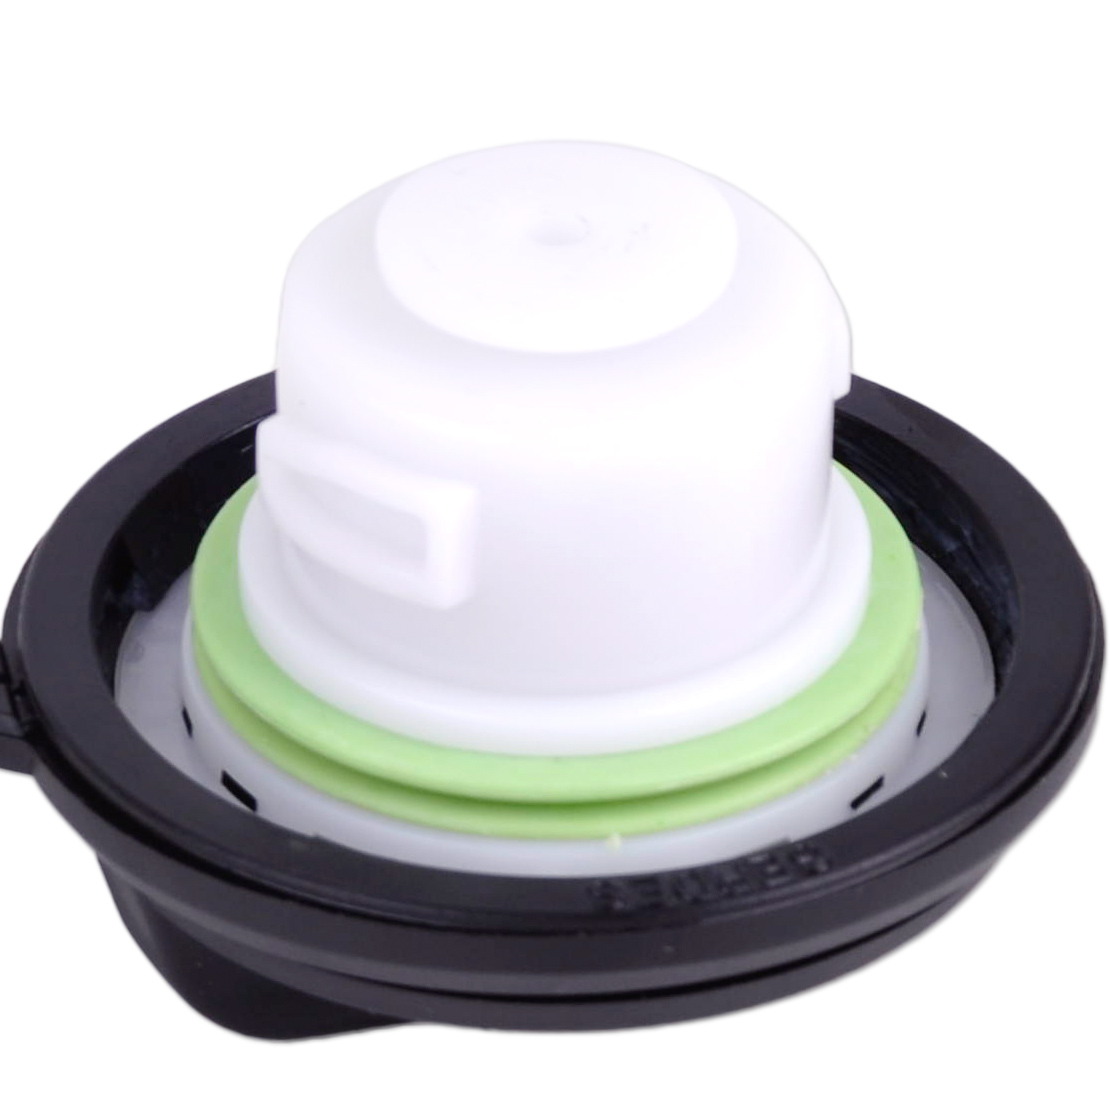 tankverschluss tankdeckel kraftstoffbeh lter verschlu deckel f r ford focus mk2 ebay. Black Bedroom Furniture Sets. Home Design Ideas